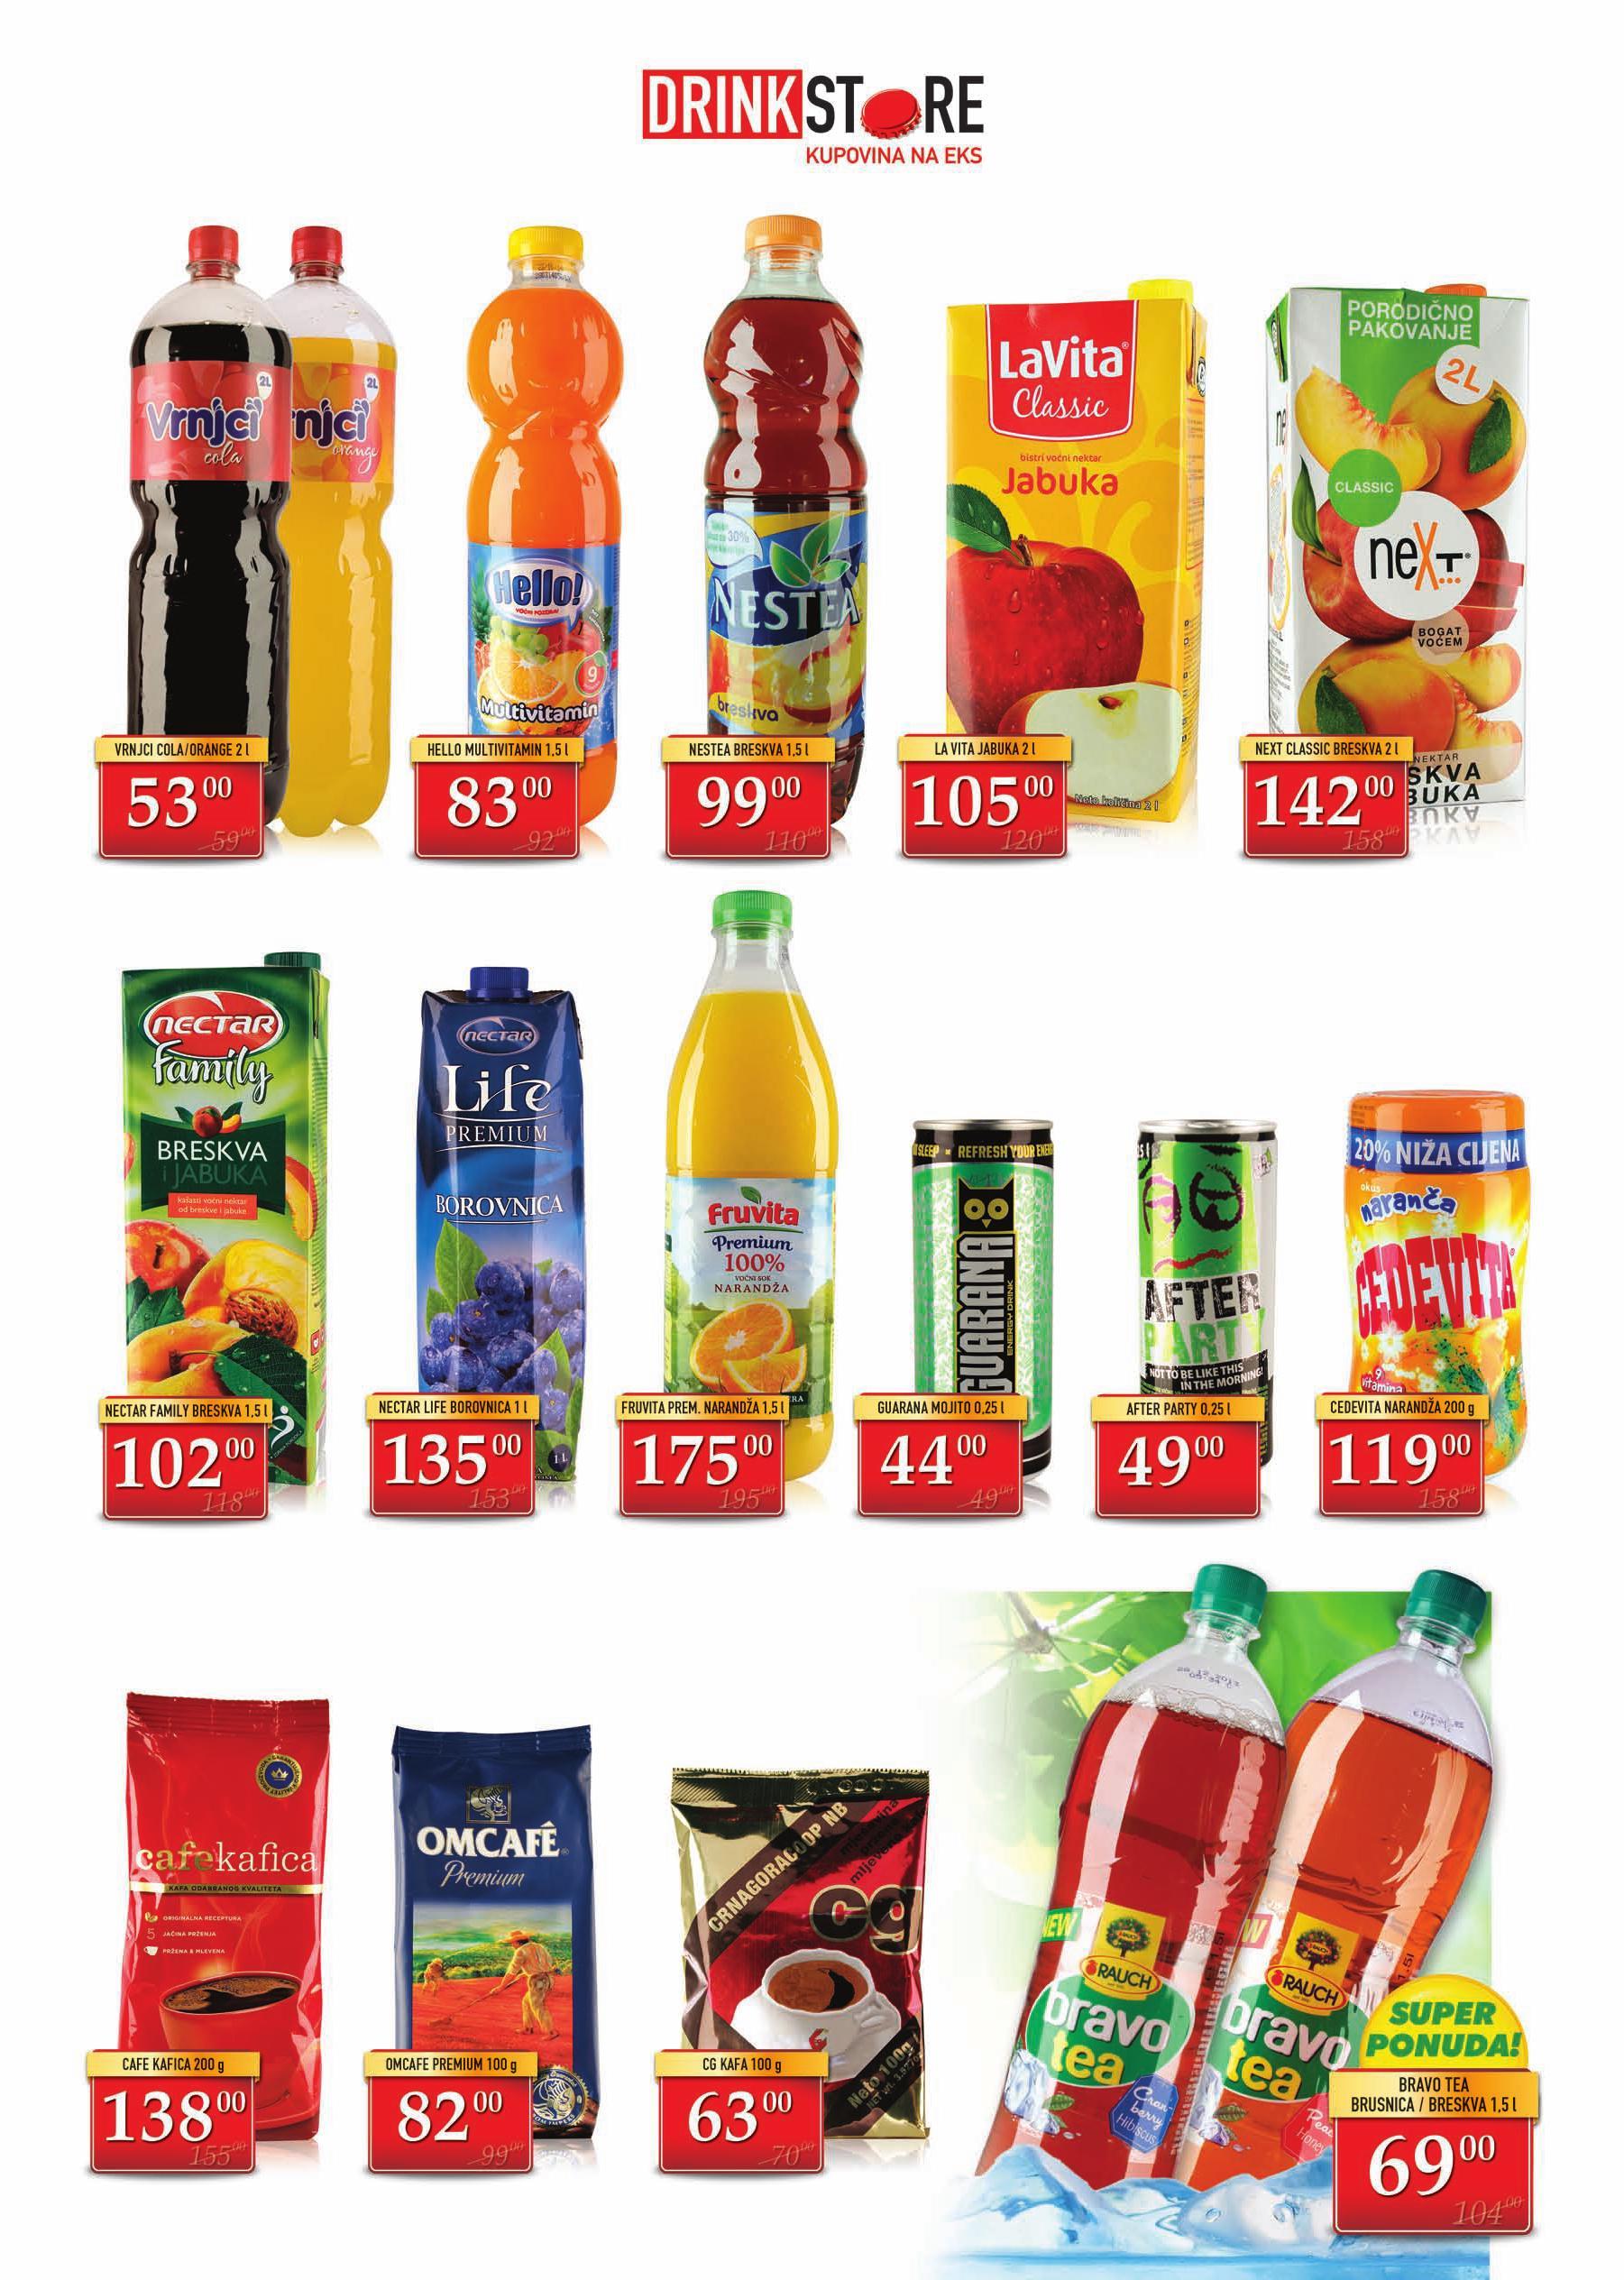 Drink Store akcija niskih cena